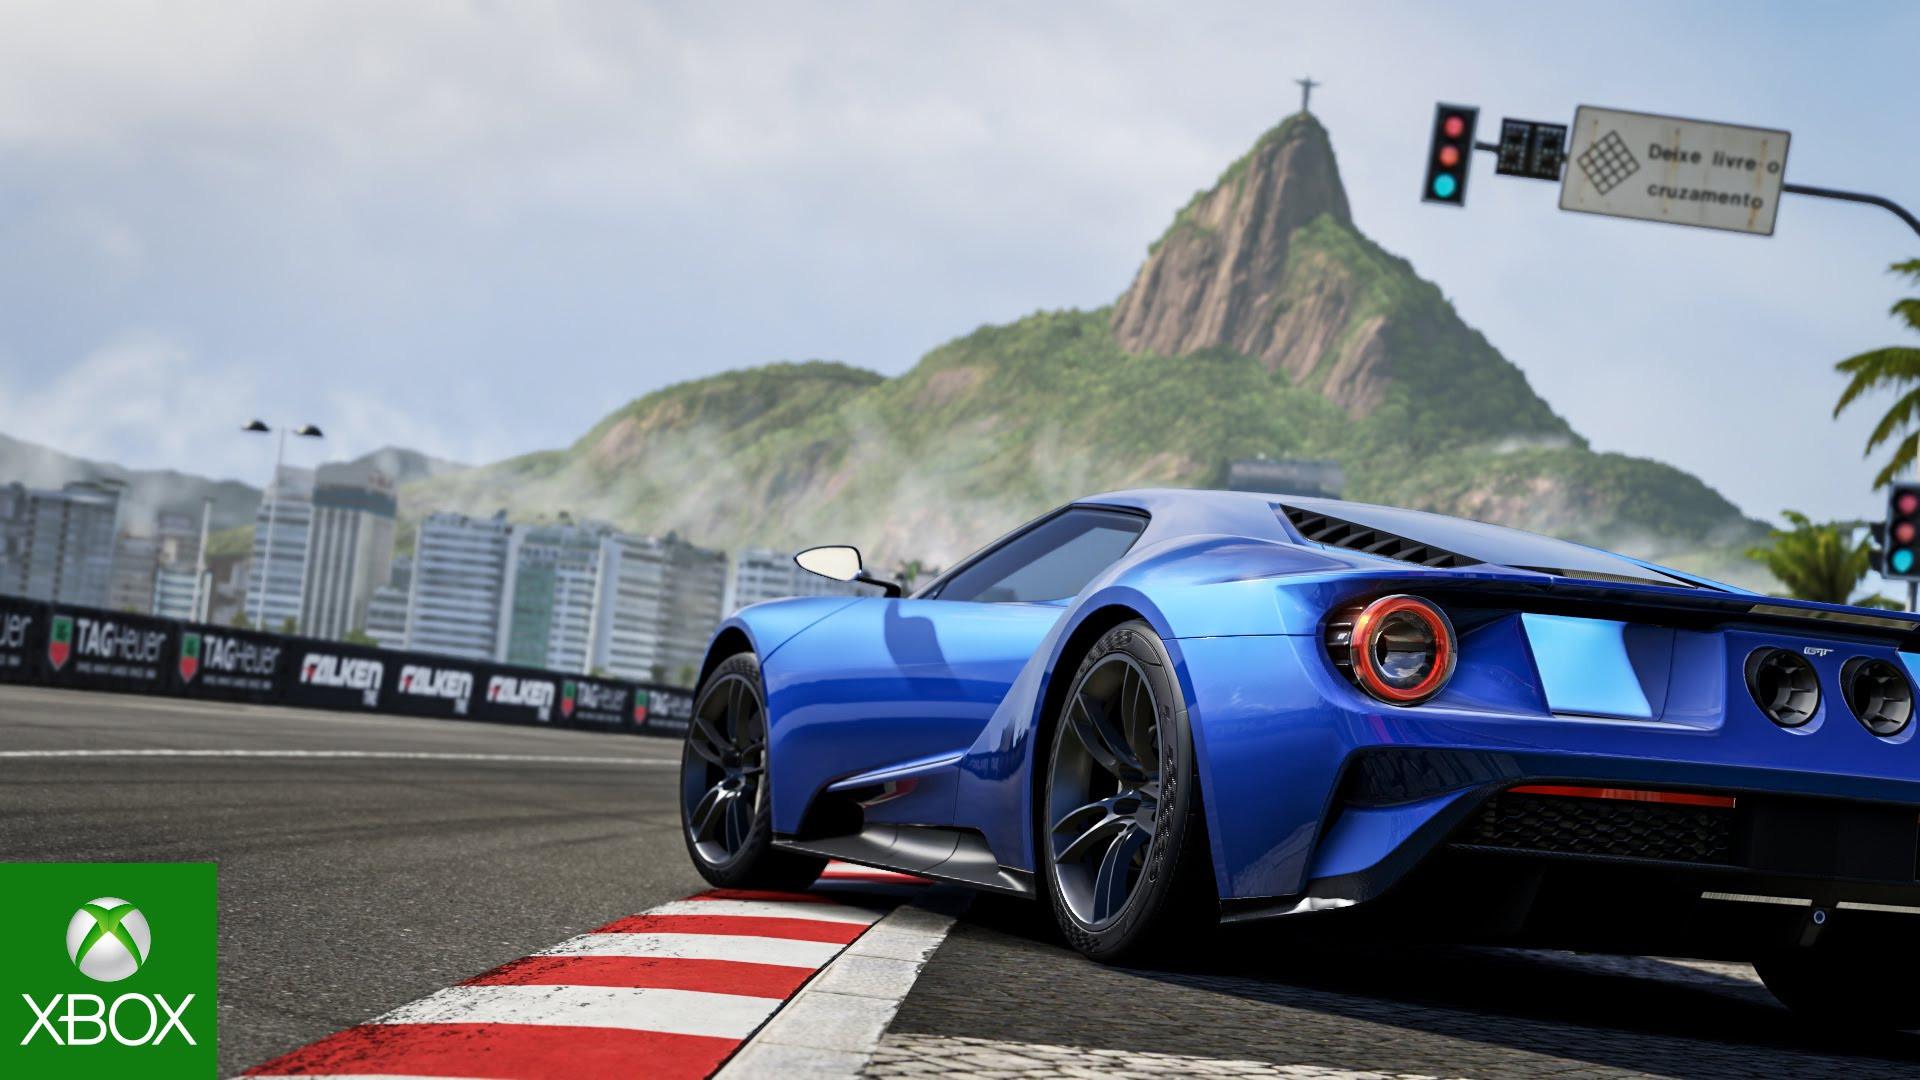 Corridas de Forza Motorsport 6 no Xbox One em 15 de setembro